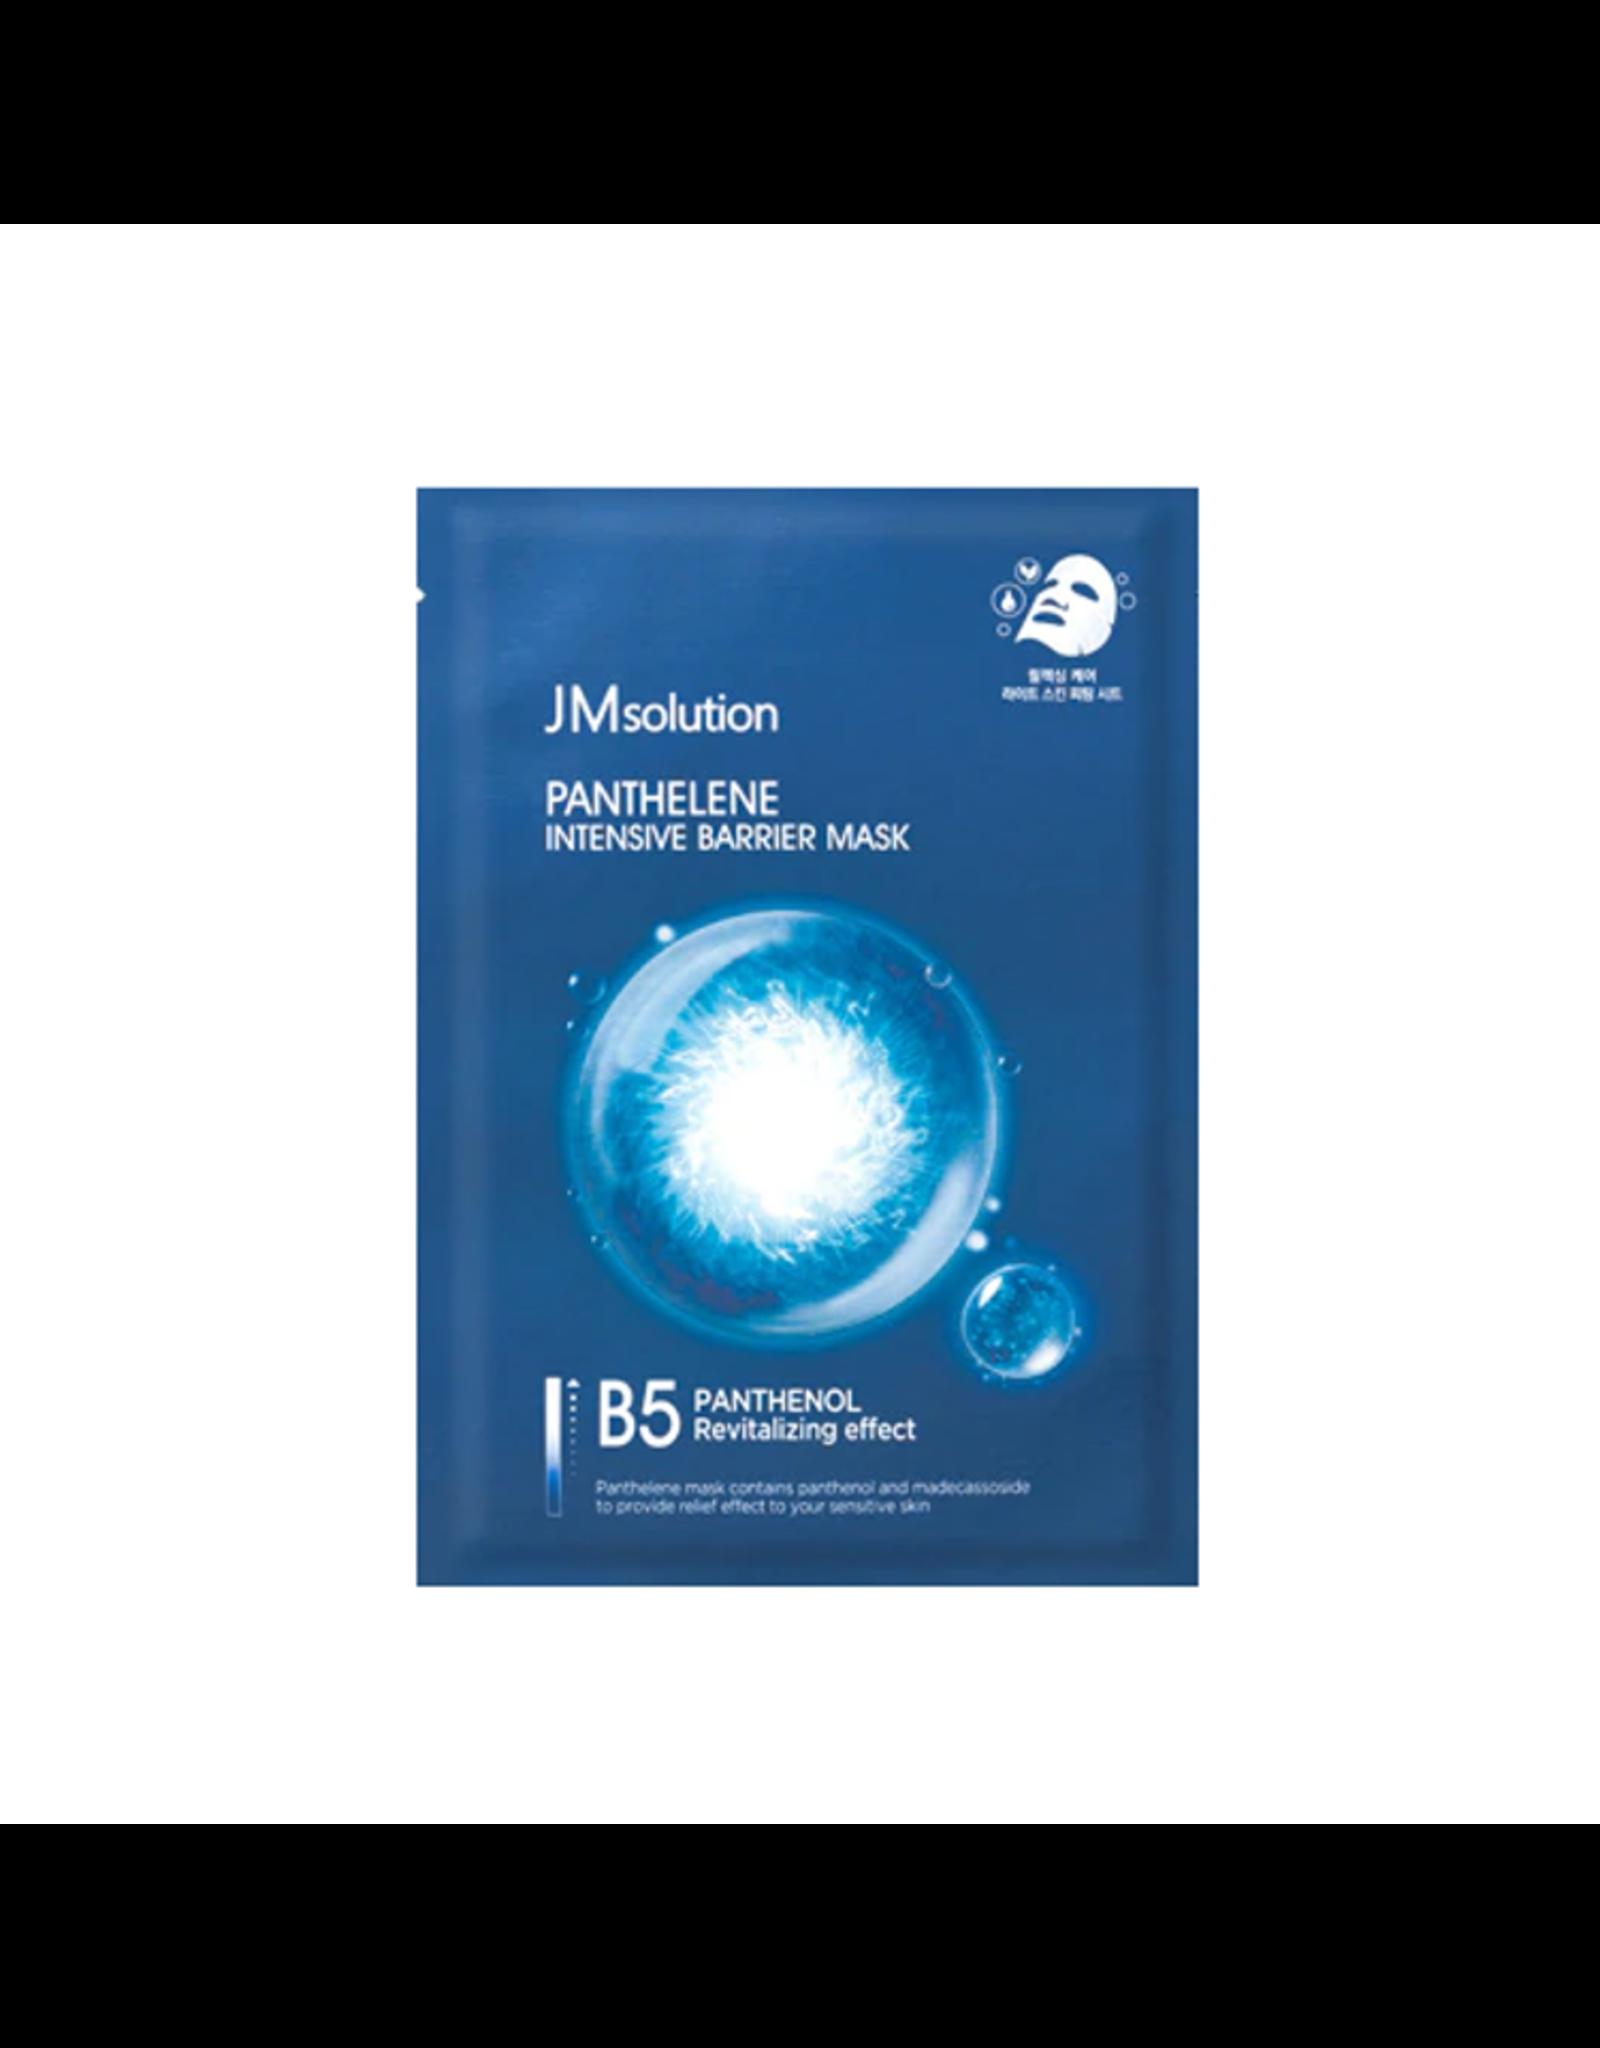 JM Solution JM Solution Panthelene Intensive Barrier Mask 1 Sheet